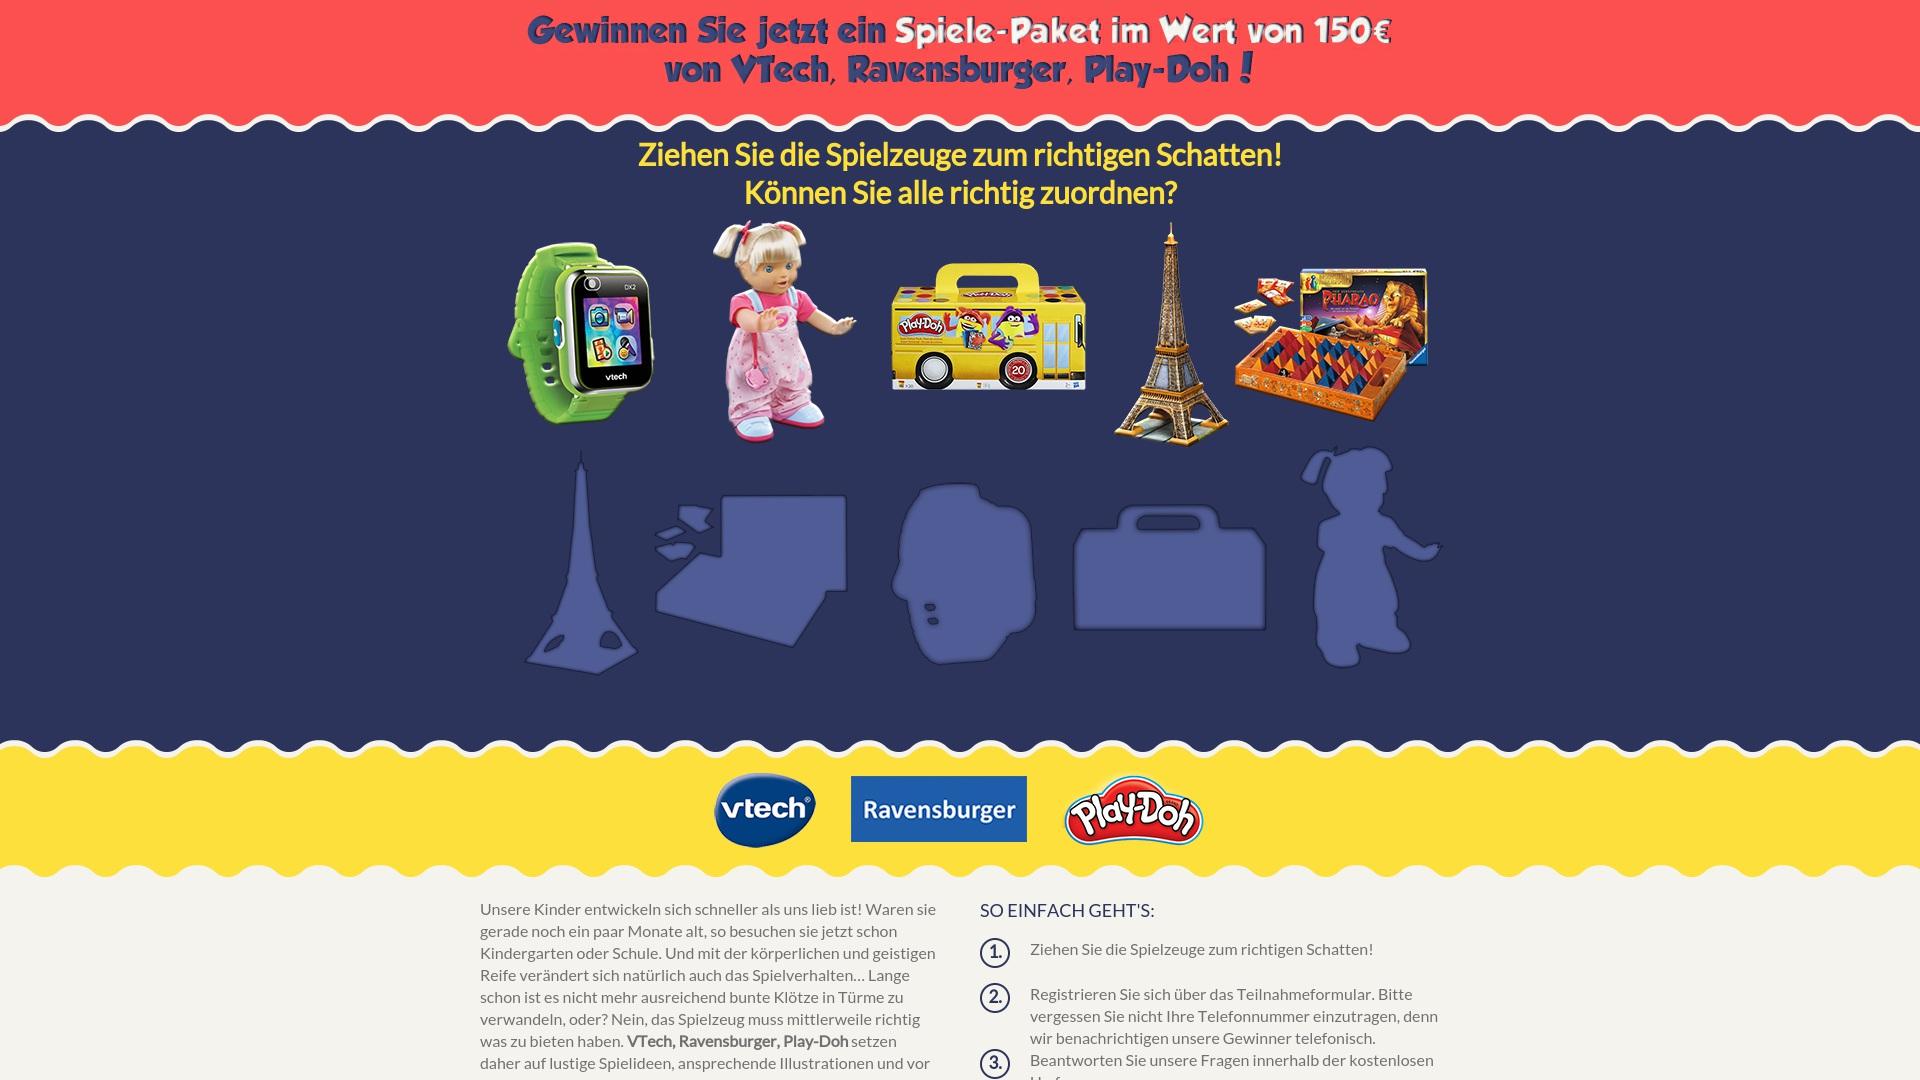 Gutschein für Spielzeug-gewinnen: Rabatte für  Spielzeug-gewinnen sichern